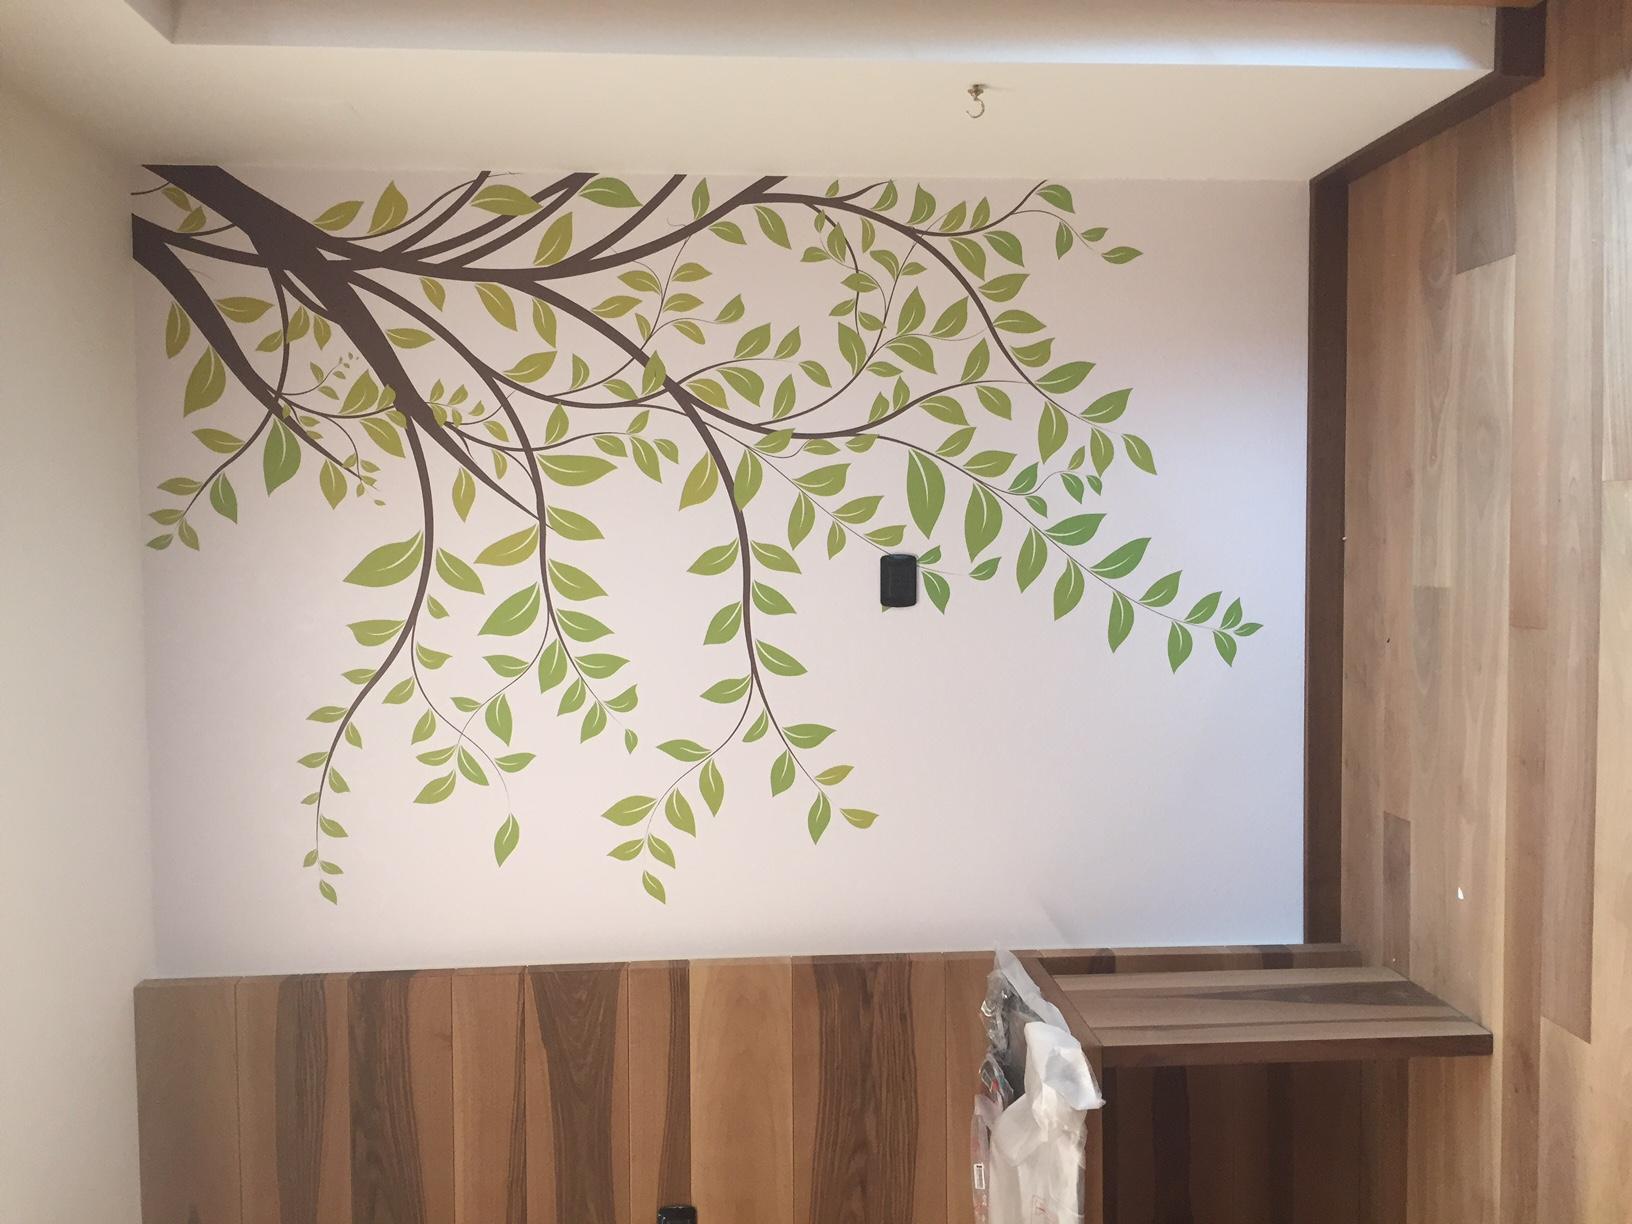 Allestimento con adesivo muro ultra tack laminato – Hotel Cristallo, Canazei